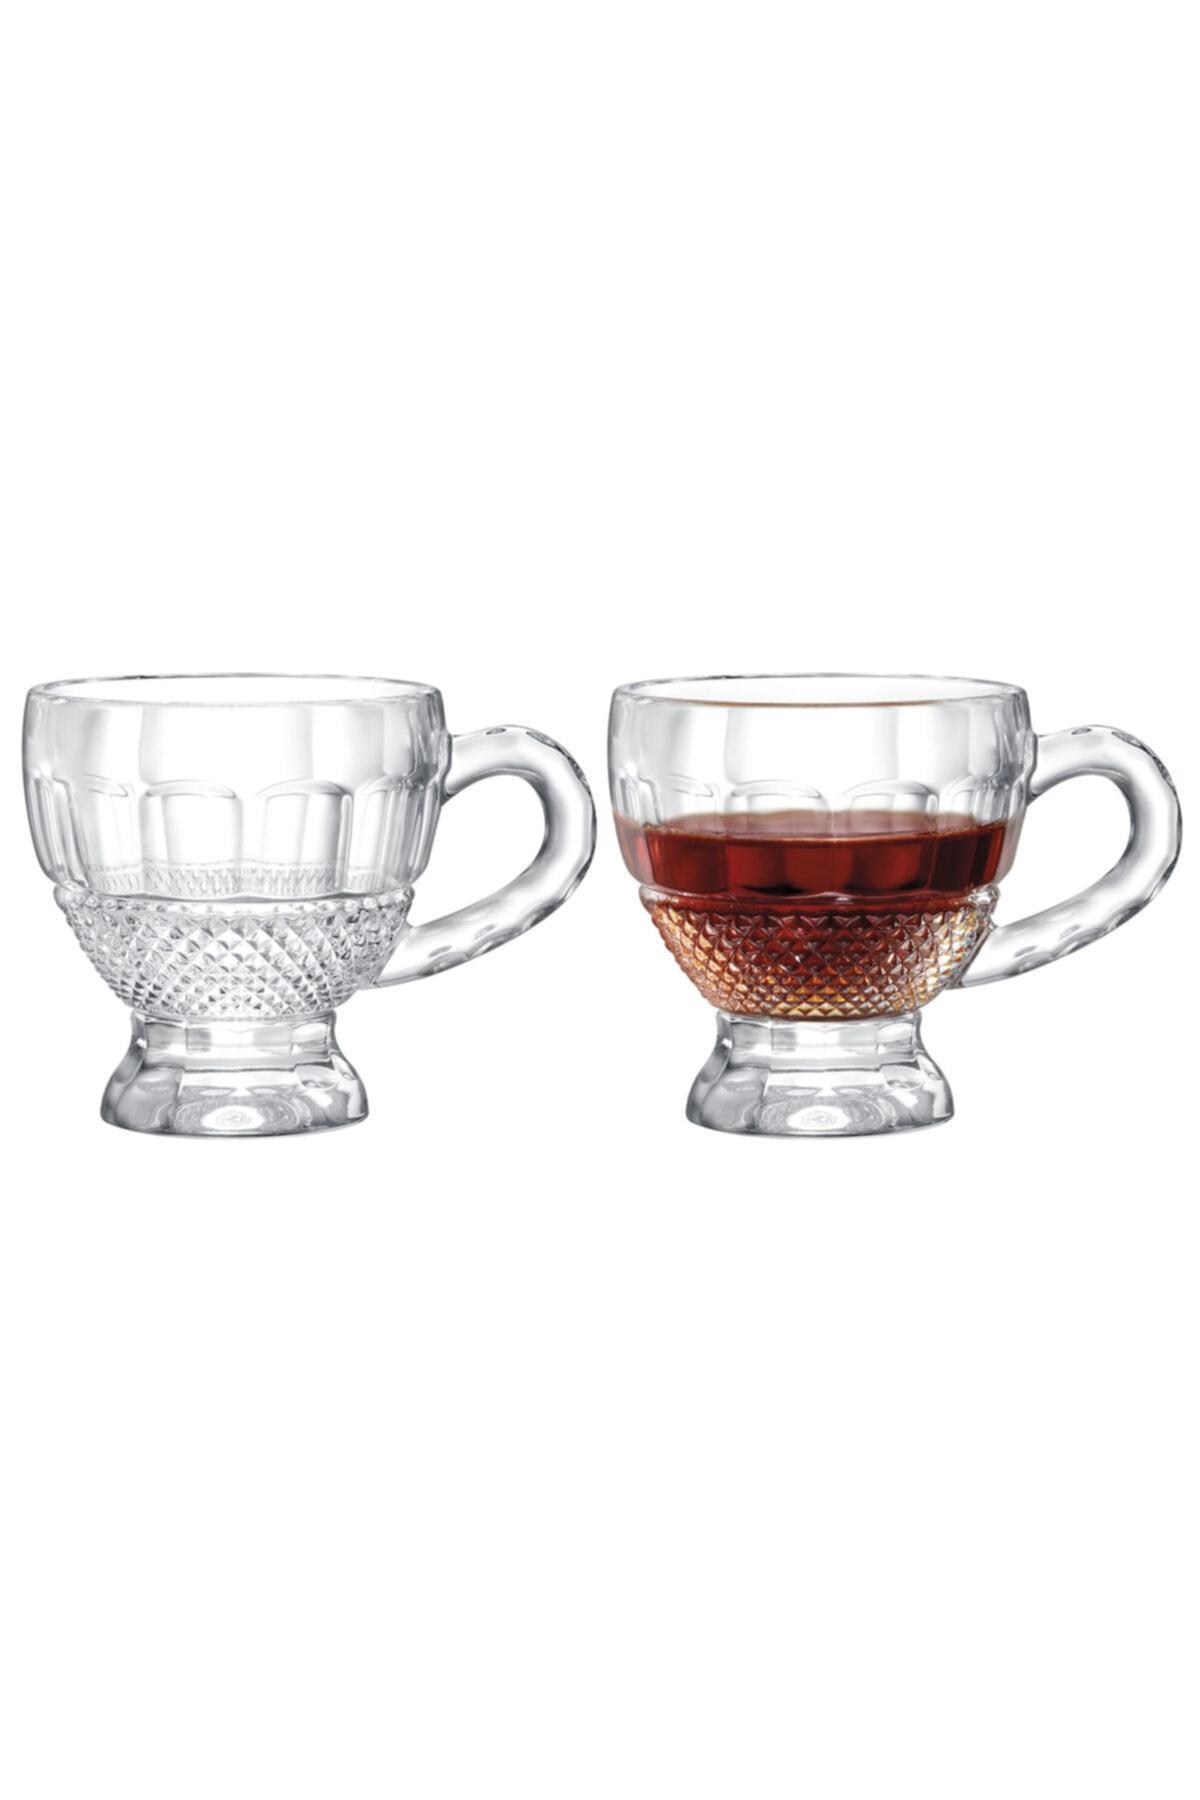 Madame Coco Perren 4'lü Çay Fincanı 2